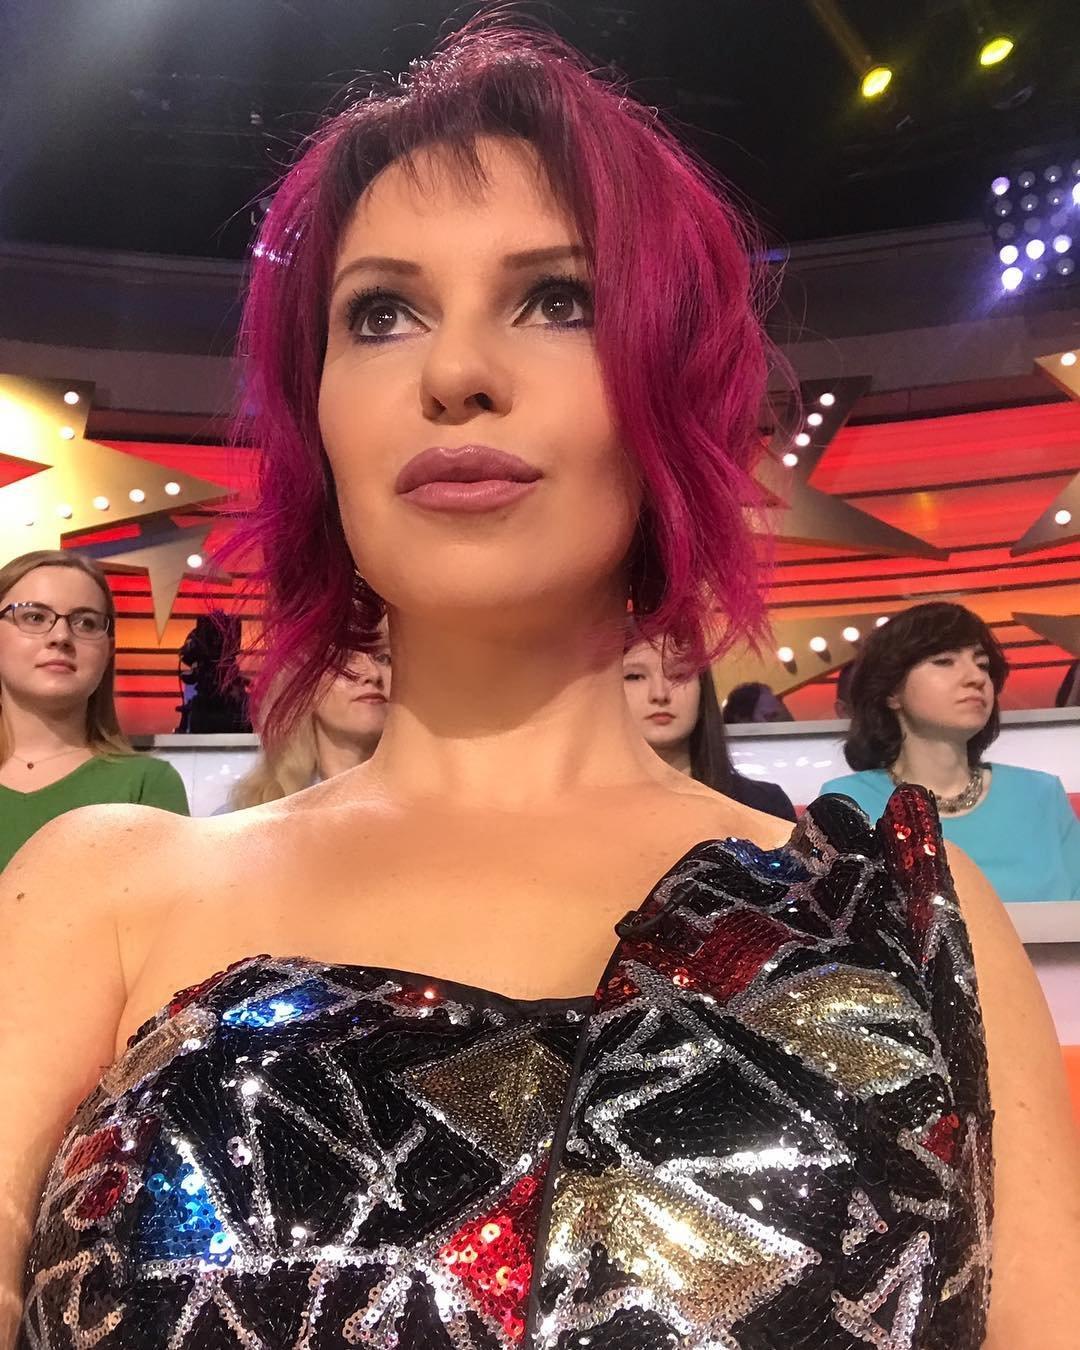 Наталья Штурм сообщила, что сын не хочет с ней общаться